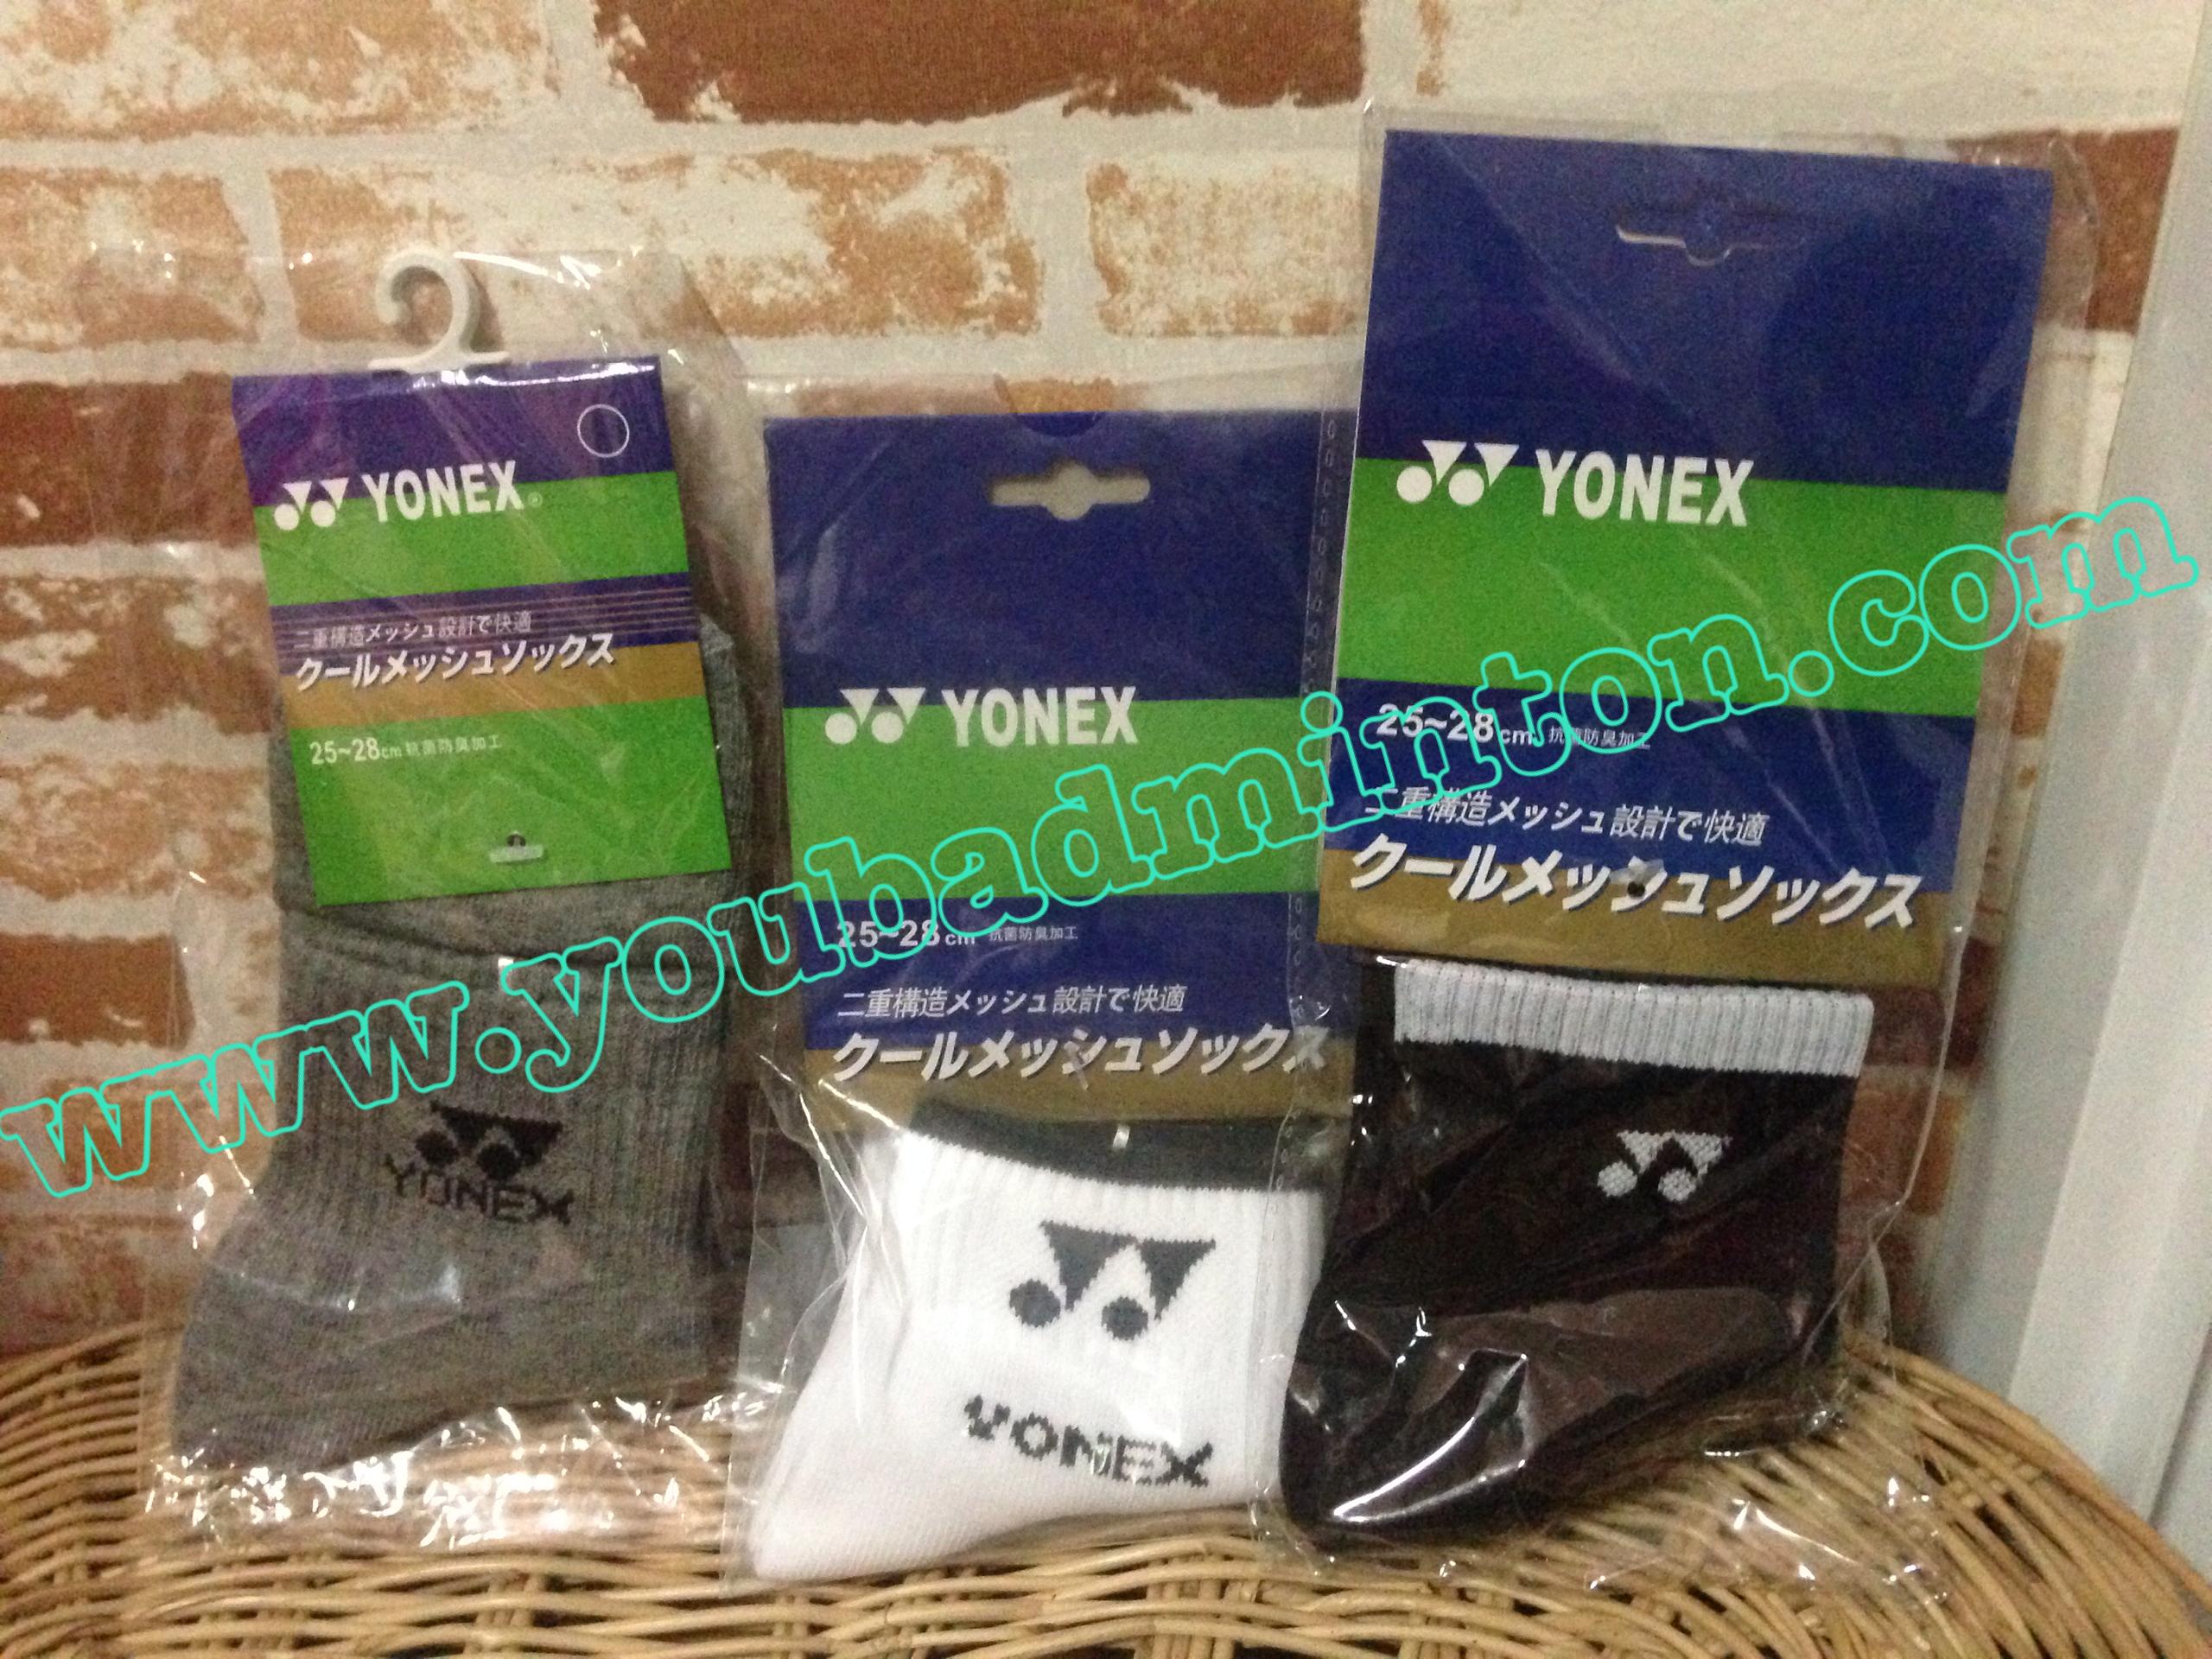 ถุงเท้า Yonex เนื้ออย่างดีนุ่มใส่กระชับสบายเท้ามากๆๆ มี 3 สี (ขาว,เทา,ดำ)